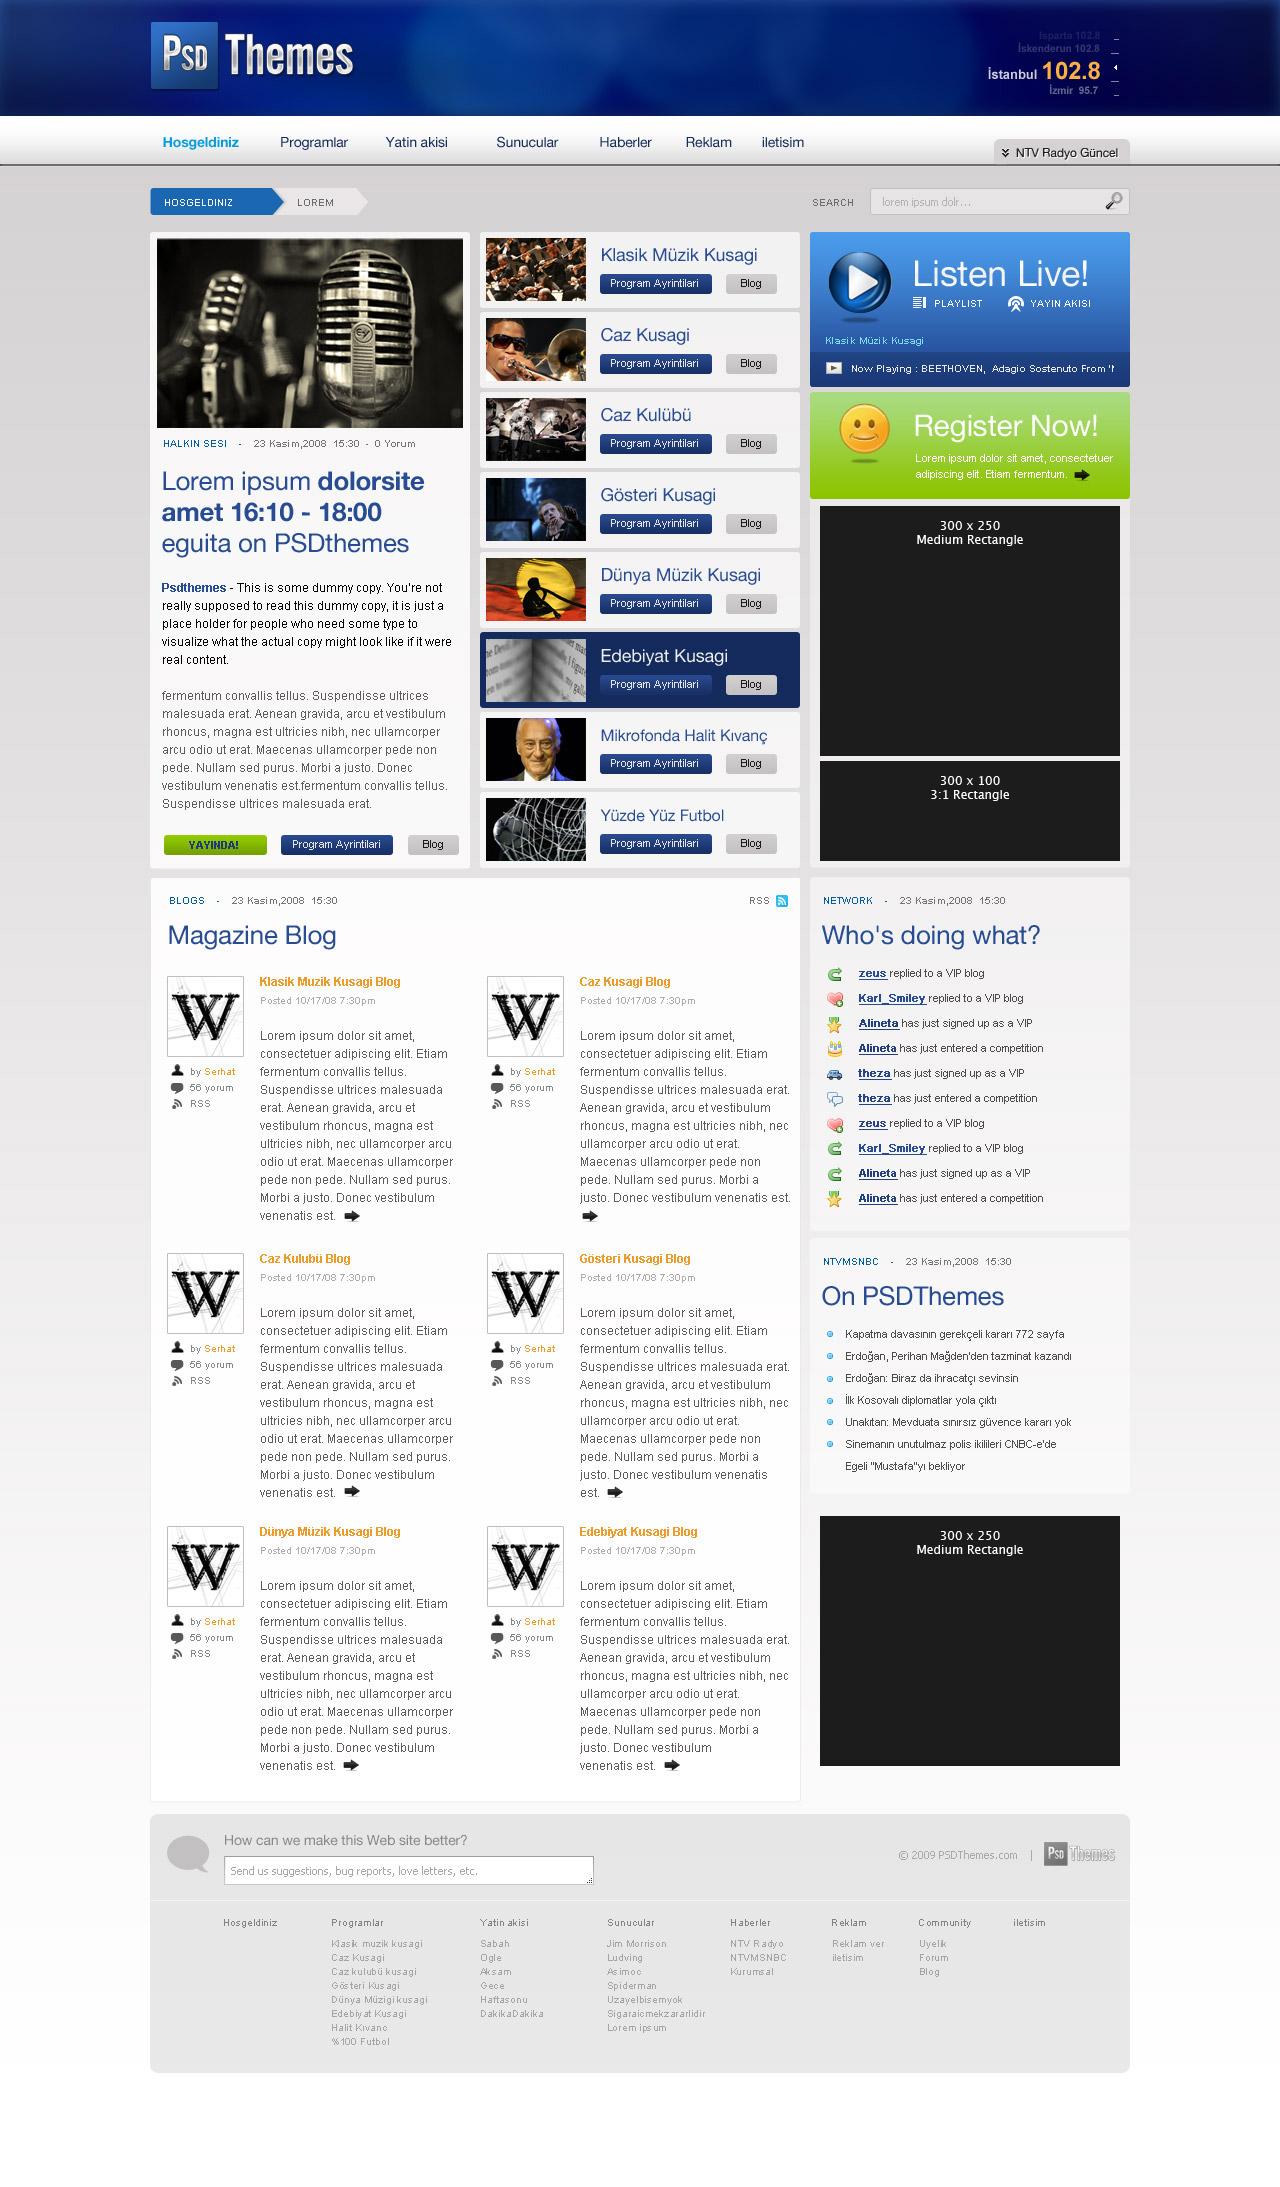 娱乐媒体博客网站模板_psd网页模板下载